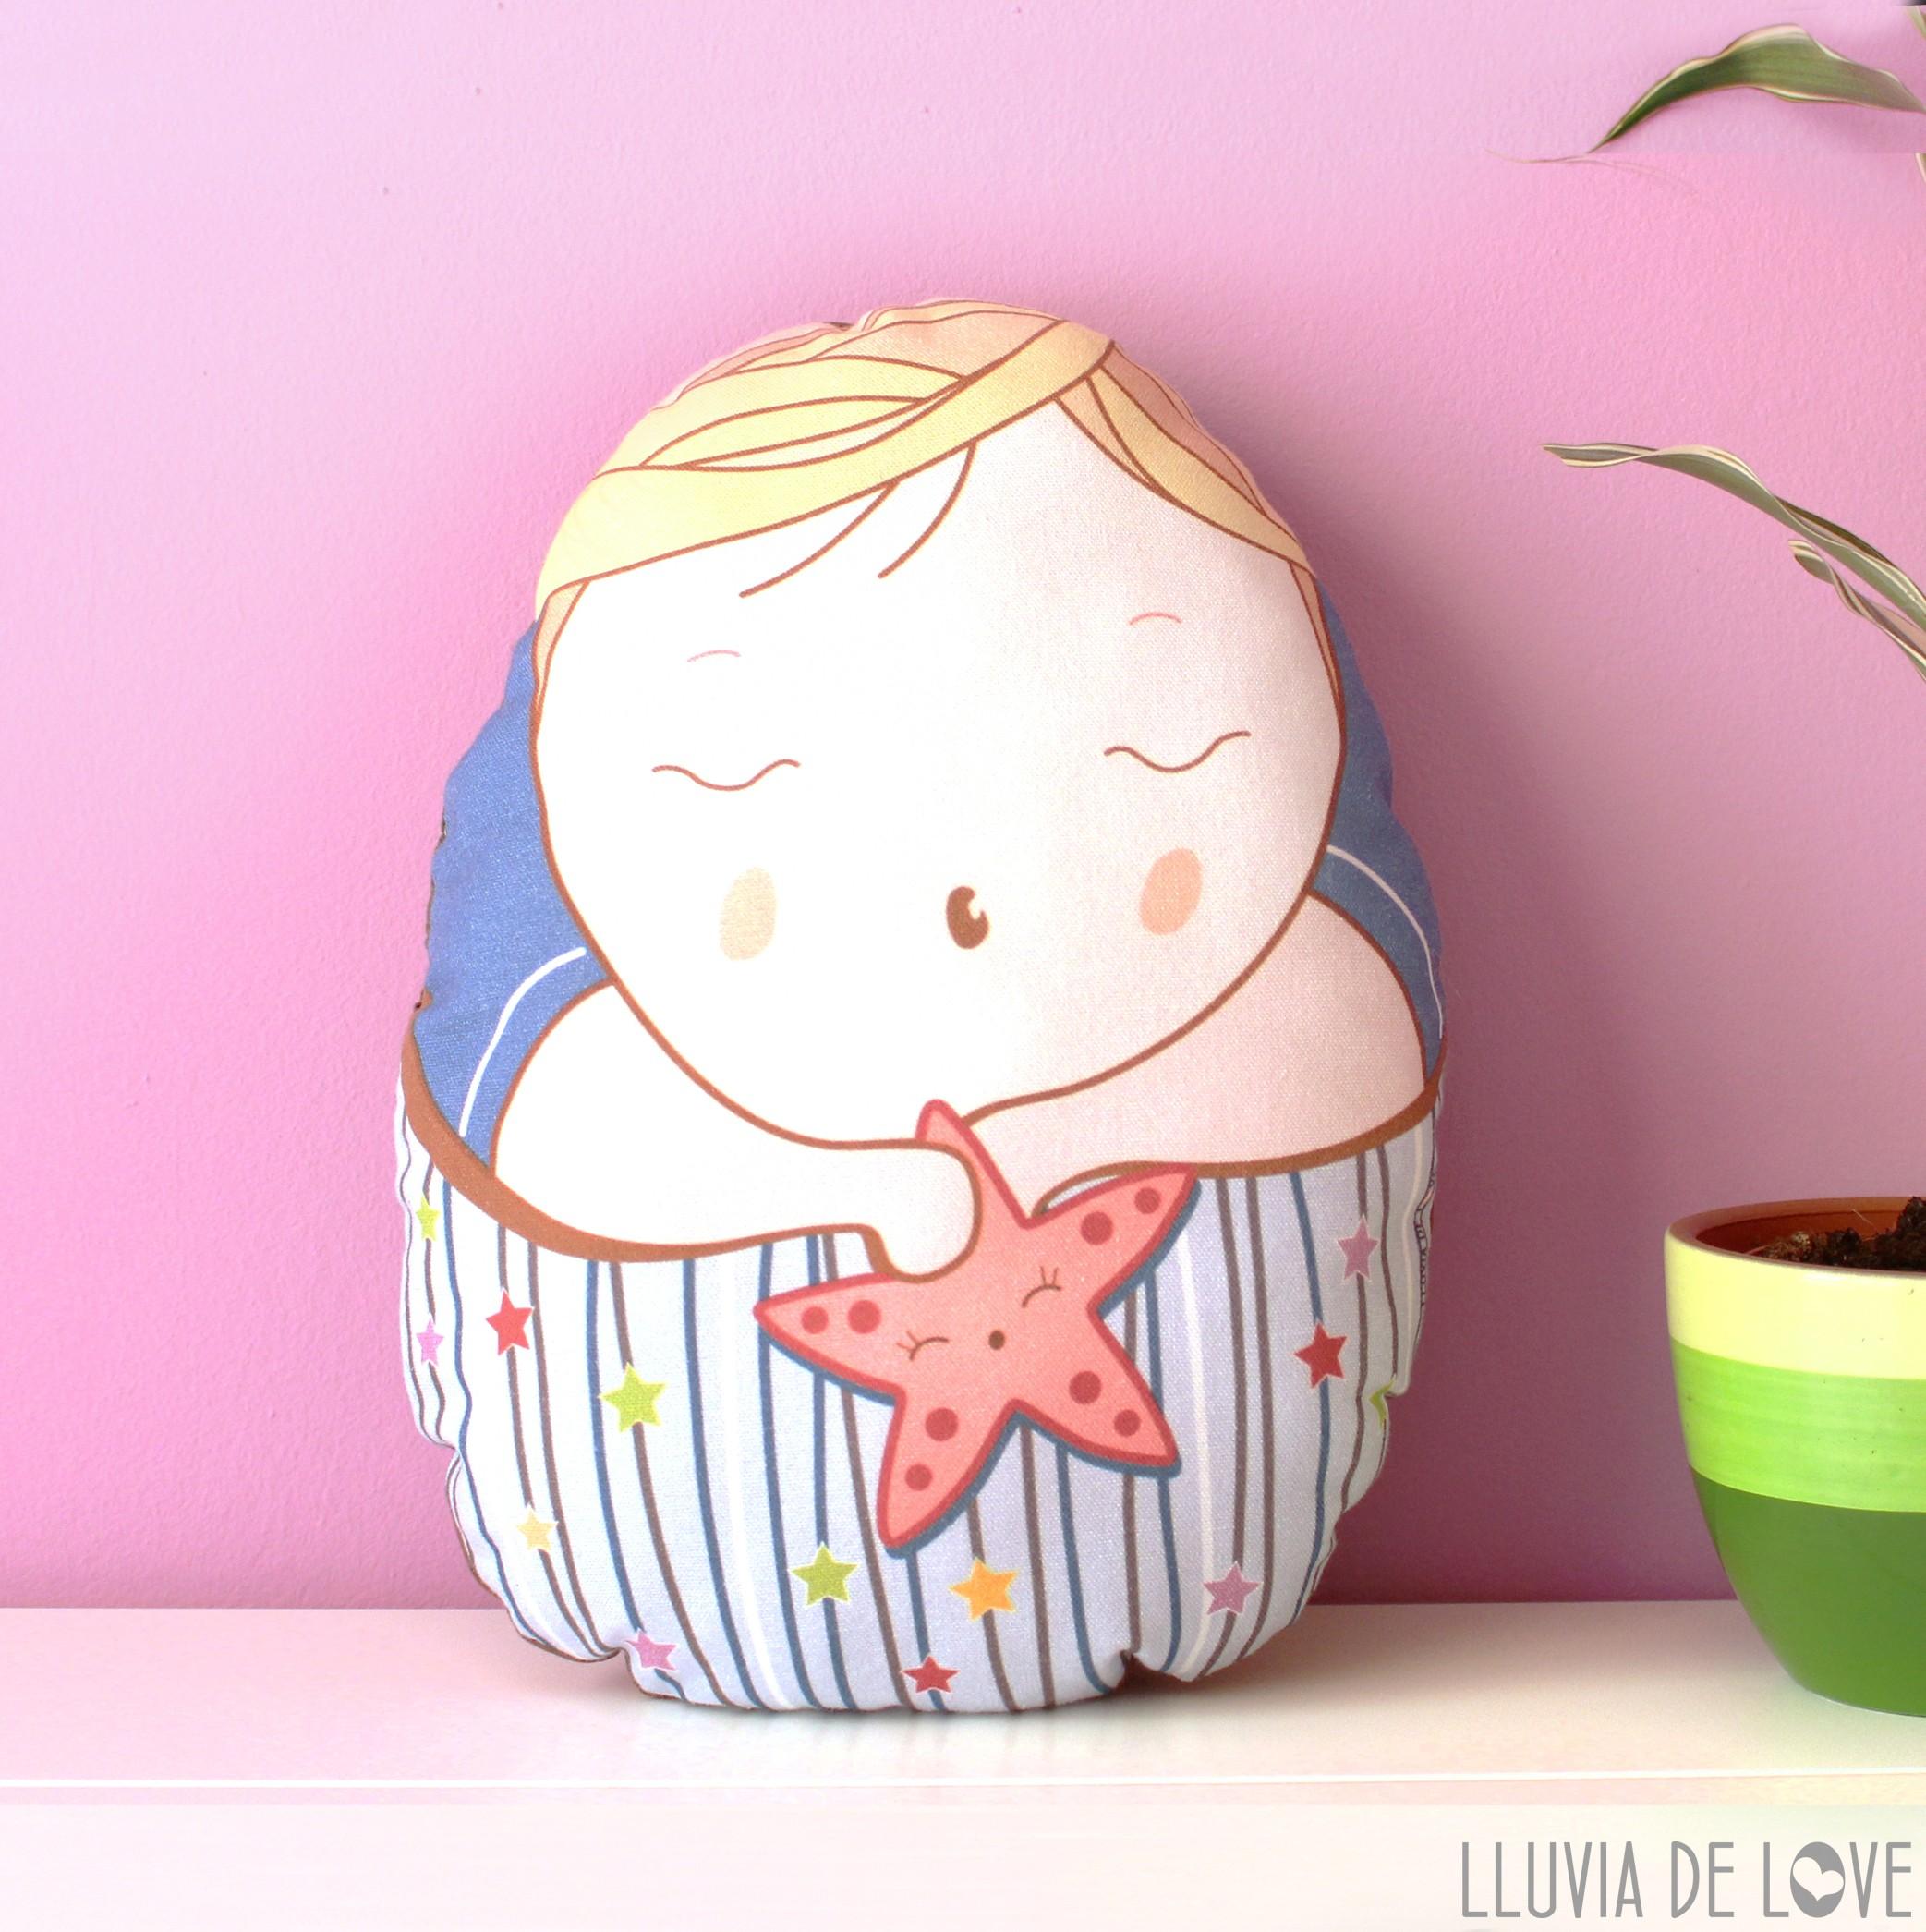 Cojín decorativo para la habitación de los niños y muñeco de tela Pepito Estrella. Regalos para niños muy pequeños. Para vincular al hermano mayor con su hermano pequeño.